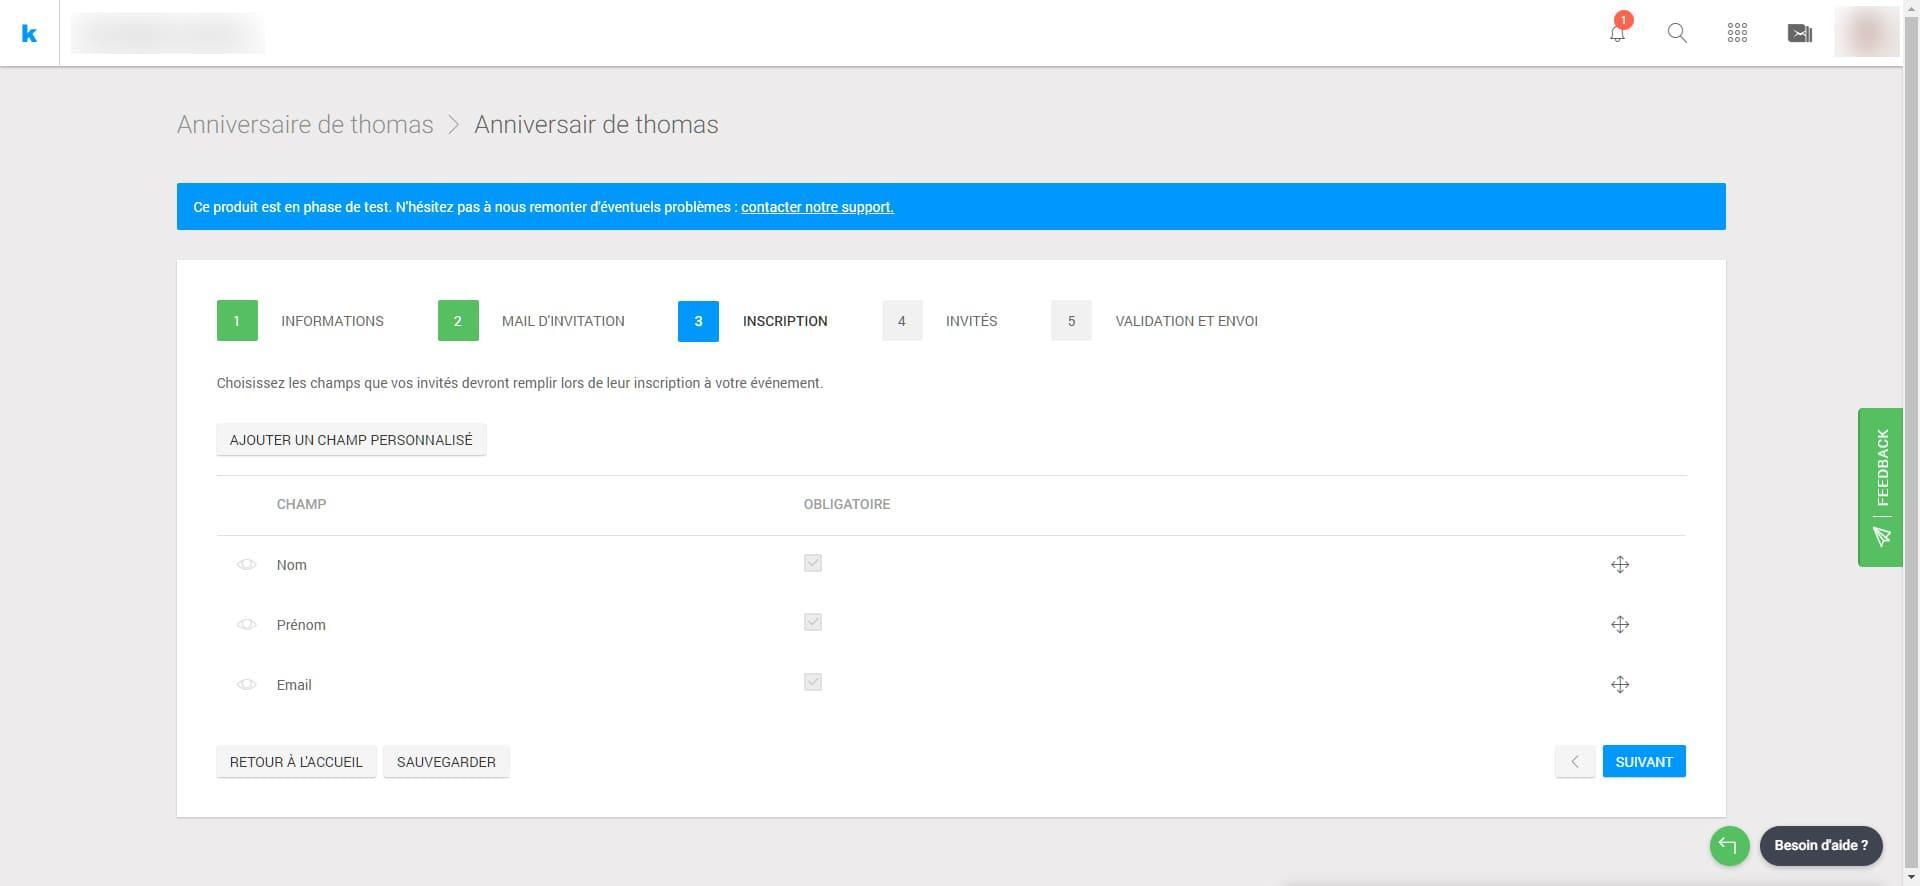 image Infomaniak, nouveau gestionnaire d'invités et le déploiement de la nouvelle interface continu 7